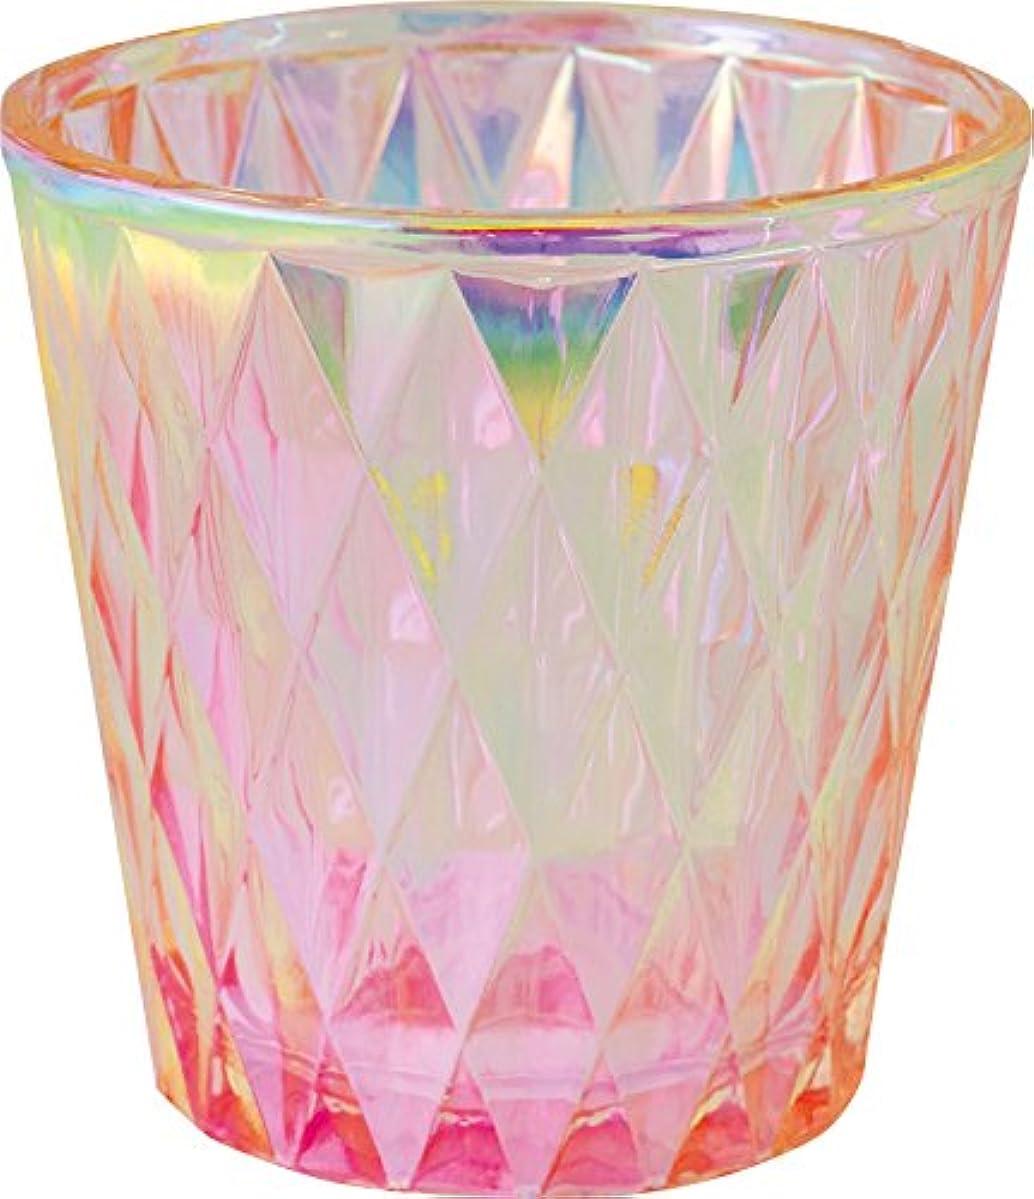 ヨーグルト緑従順カメヤマキャンドルハウス オーロラダイヤグラス キャンドルフォルダー ピンク